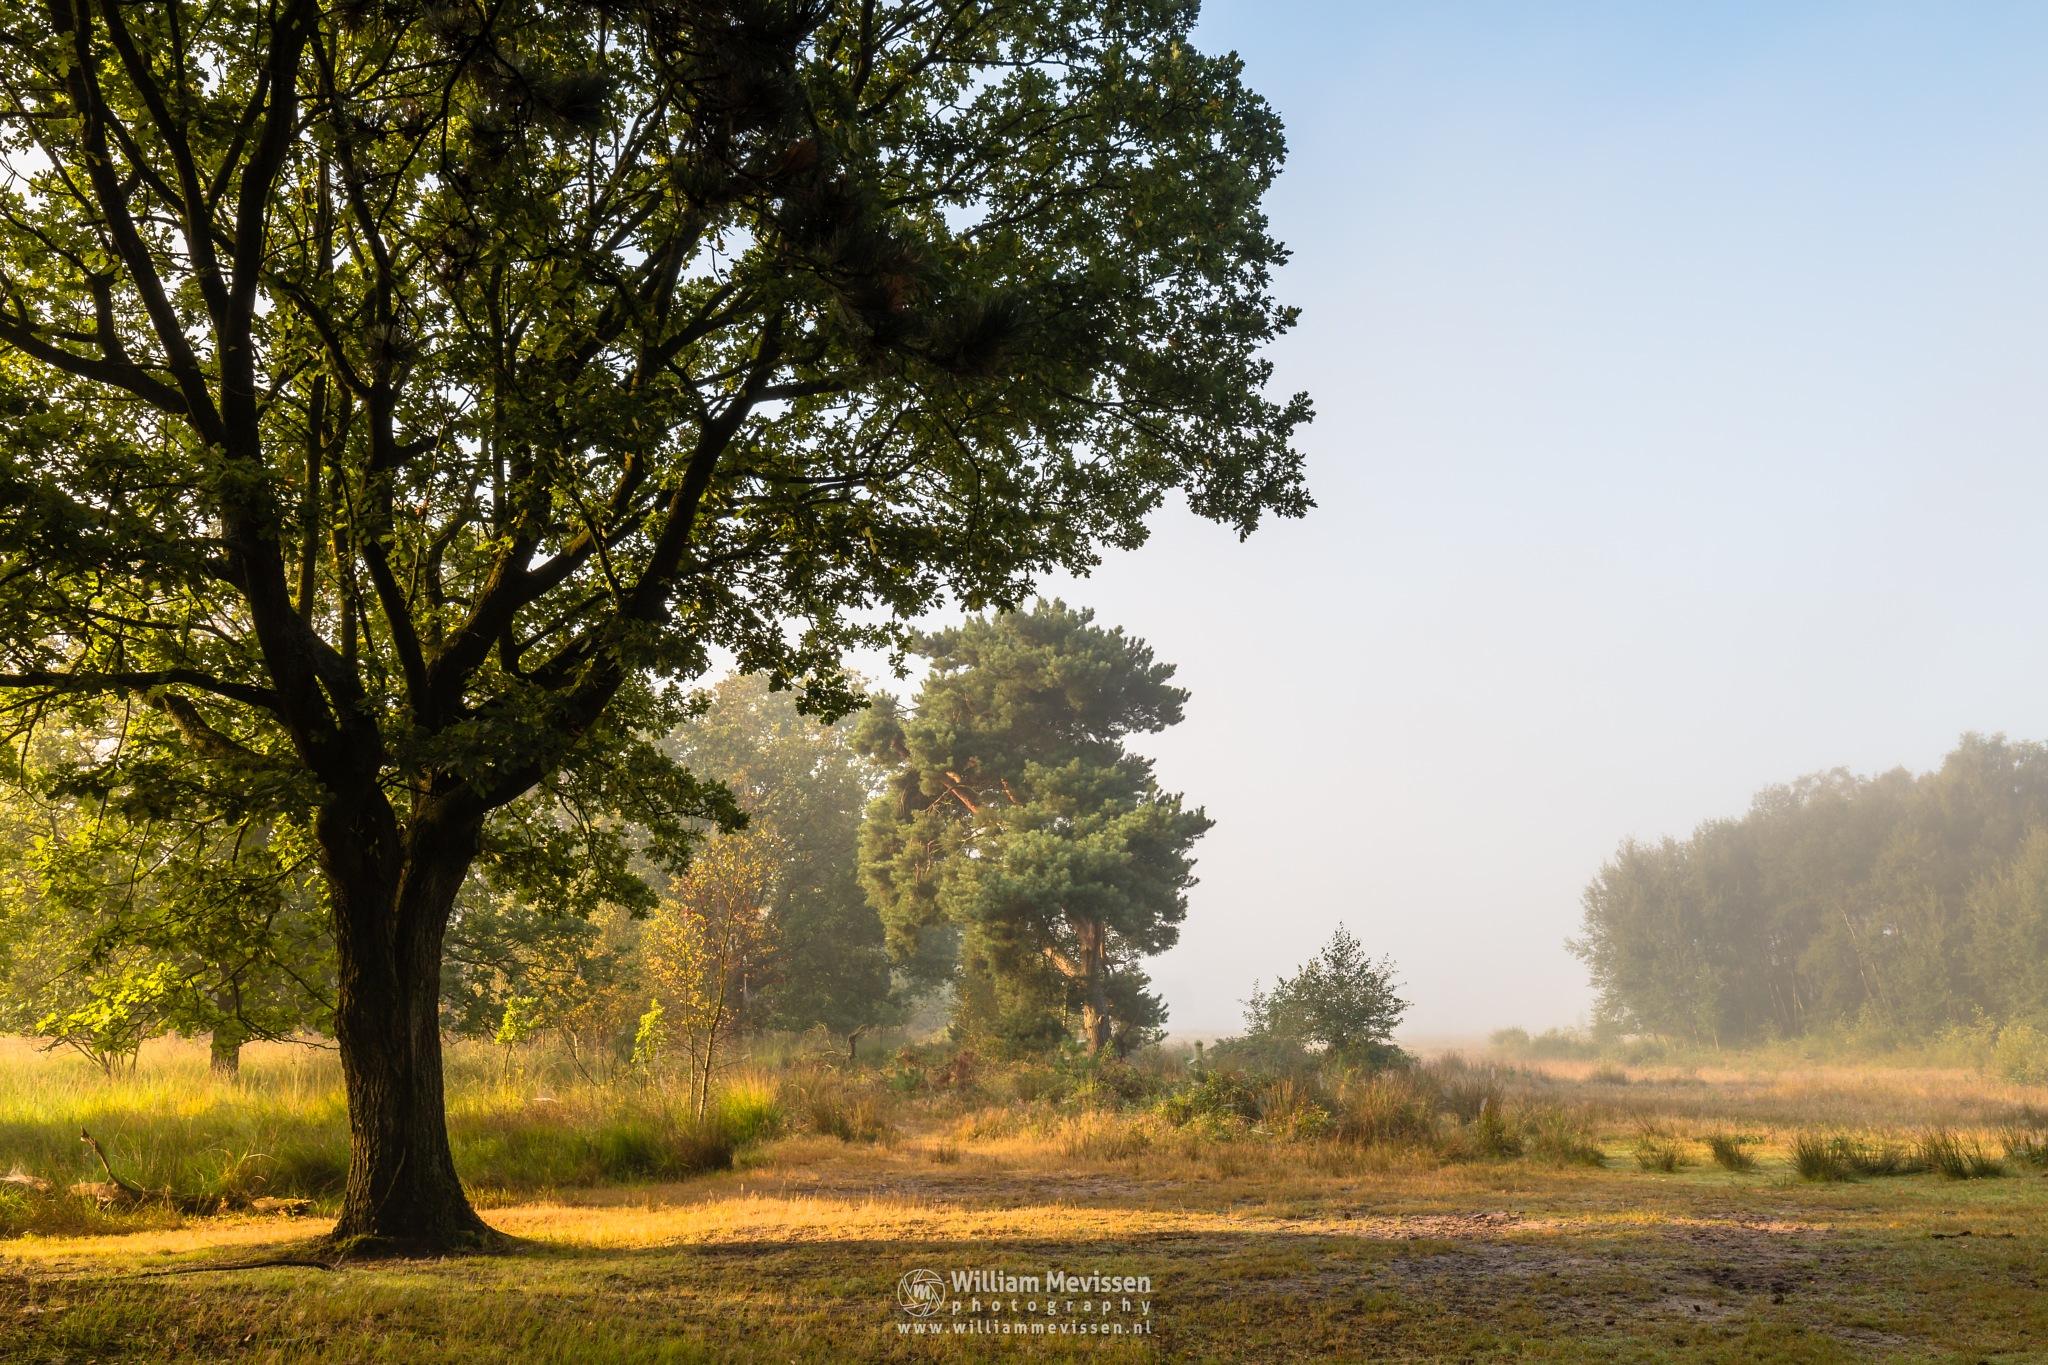 Misty Morning Light by William Mevissen